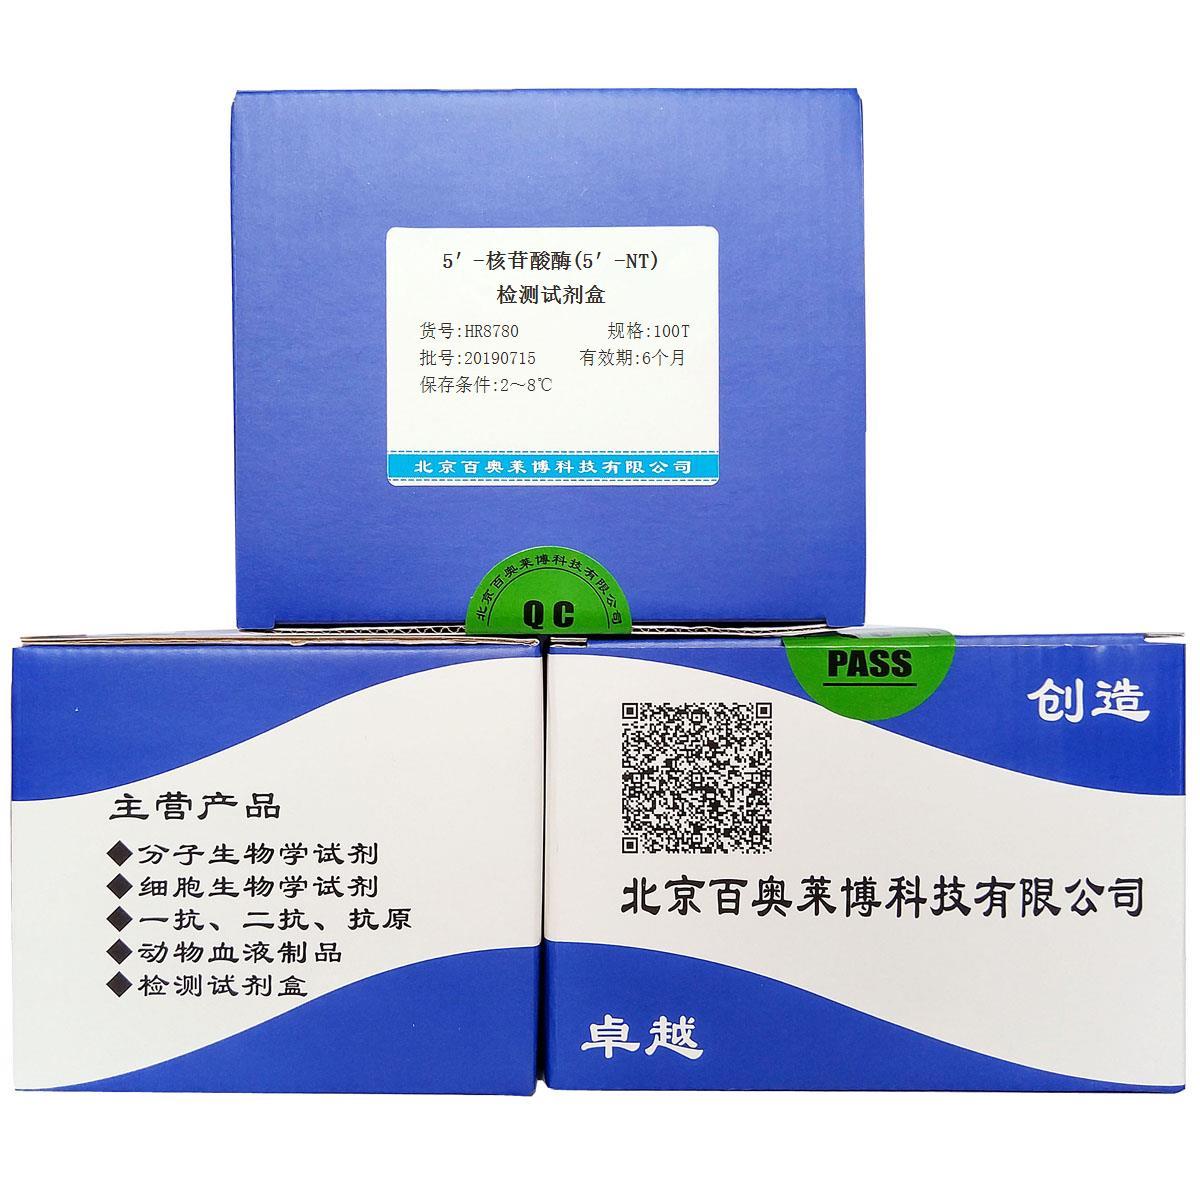 5′-核苷酸酶(5′-NT)检测试剂盒北京价格